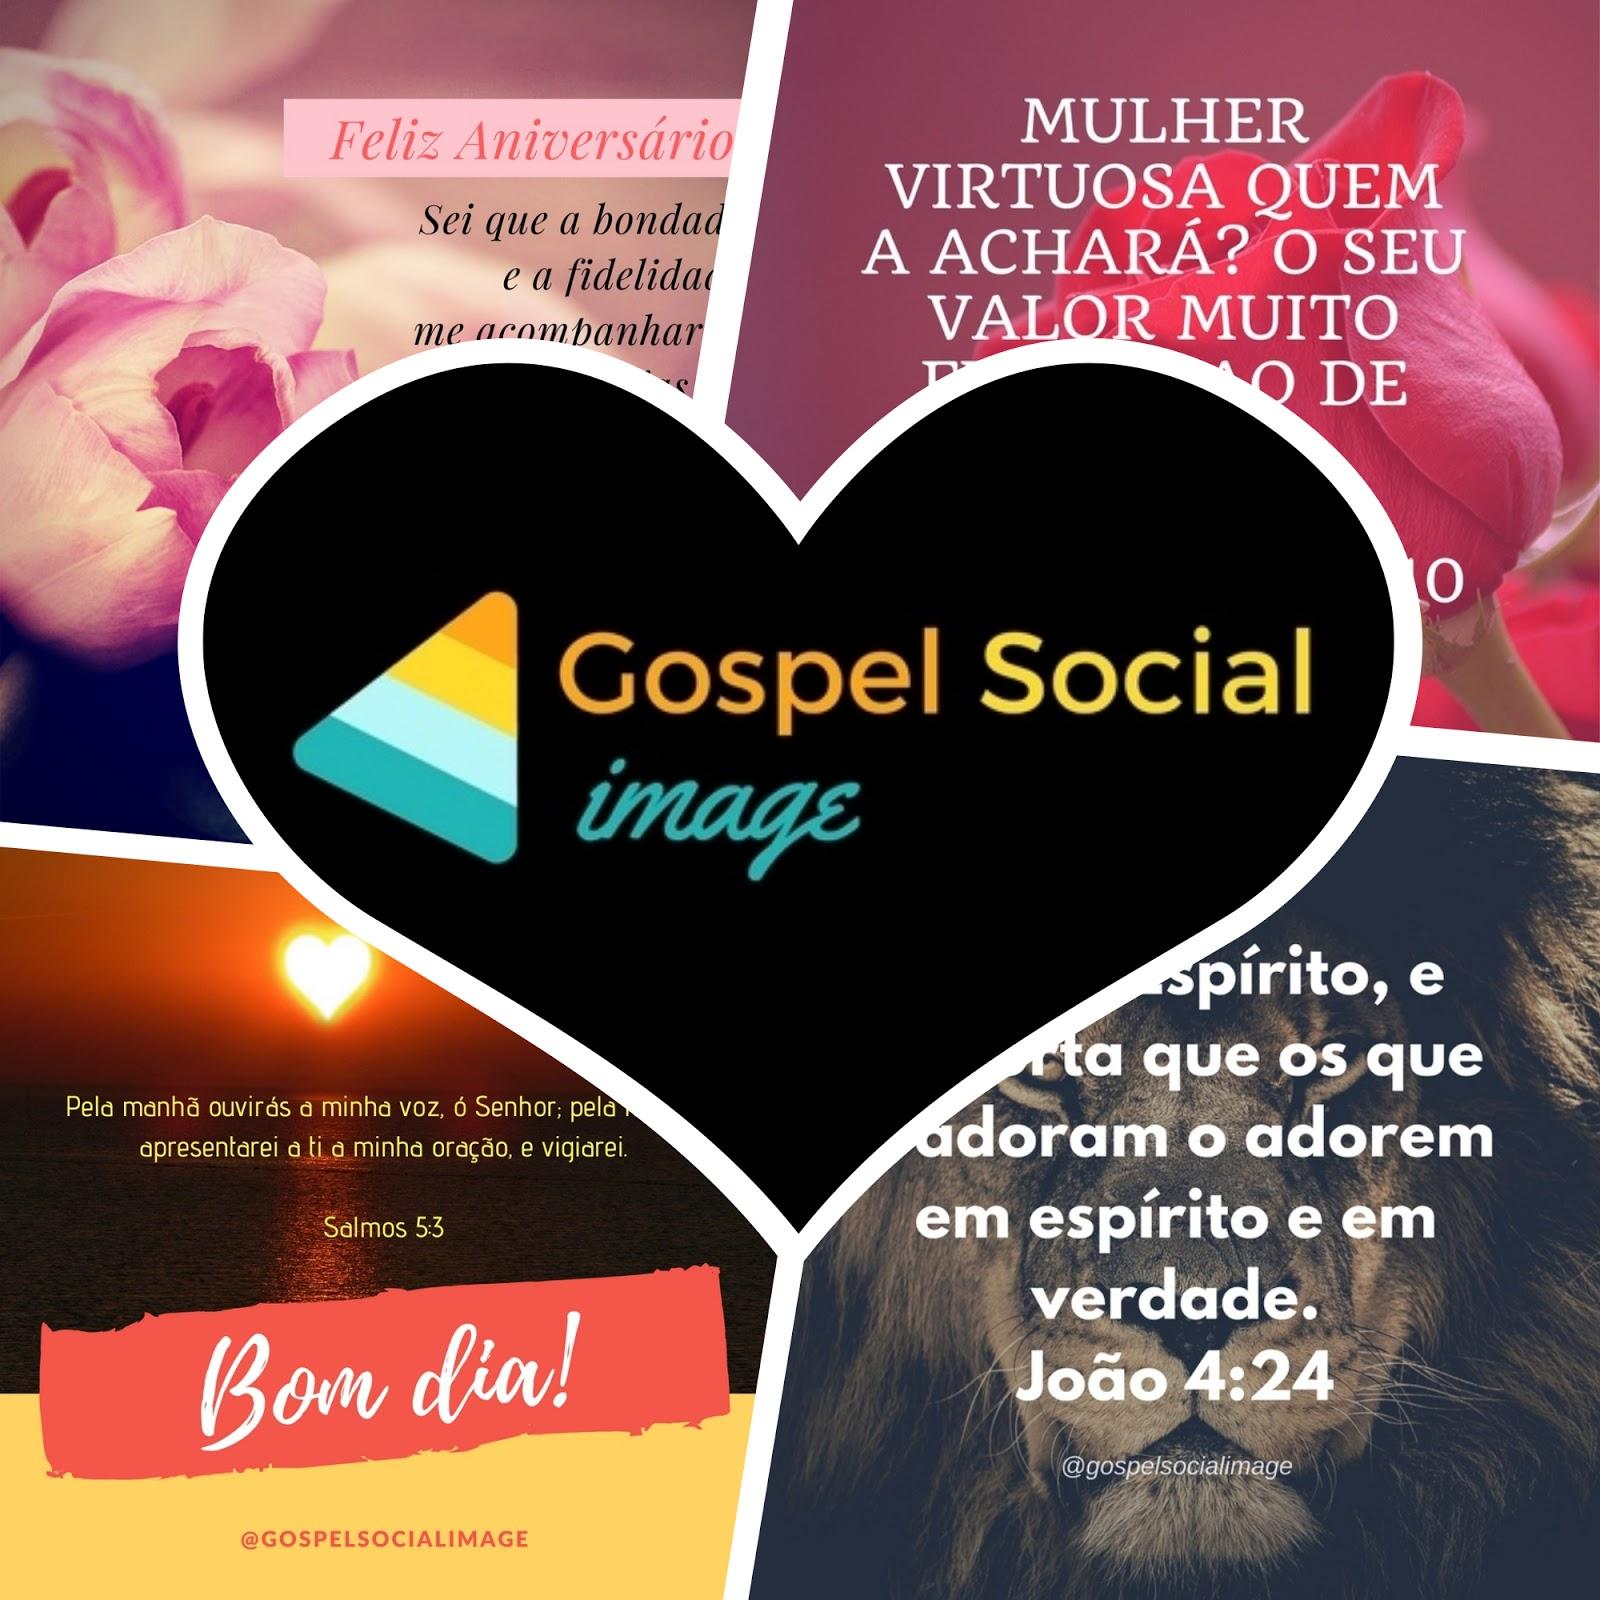 Lindas Imagens Bíblicas para Redes Sociais